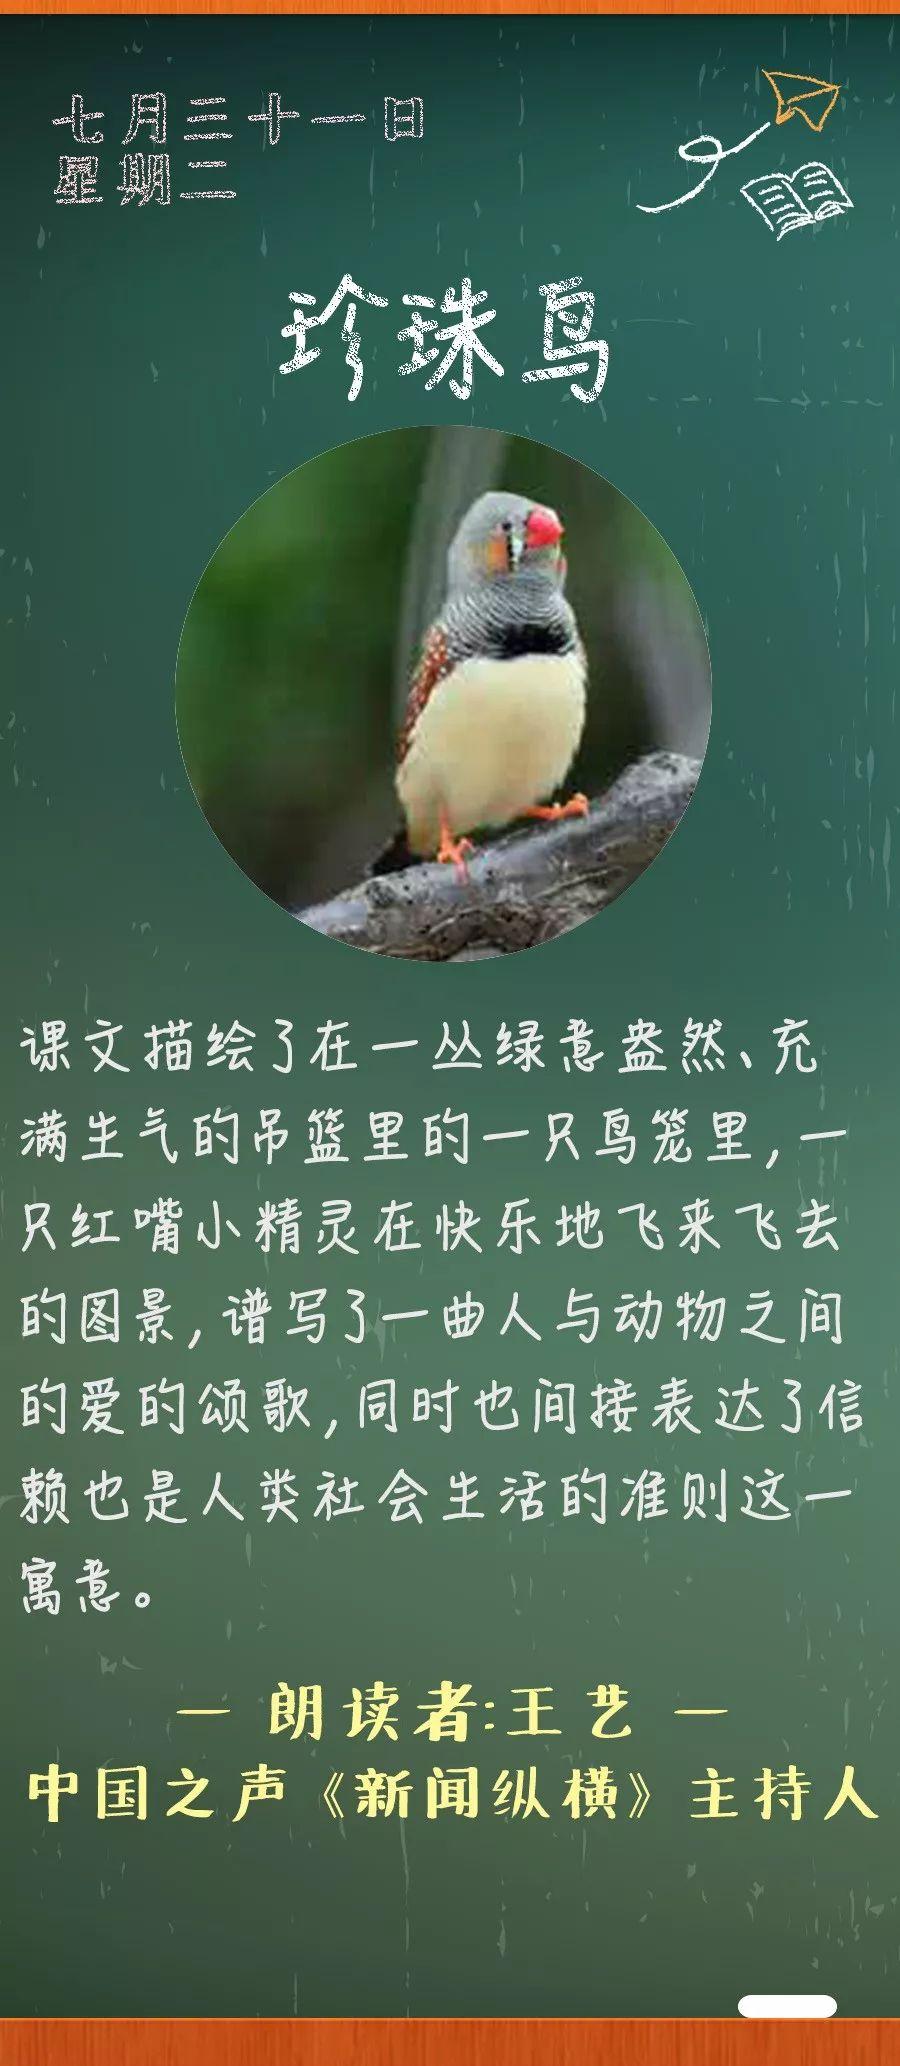 《珍珠鸟》丨那些年,我们一起读过的课文